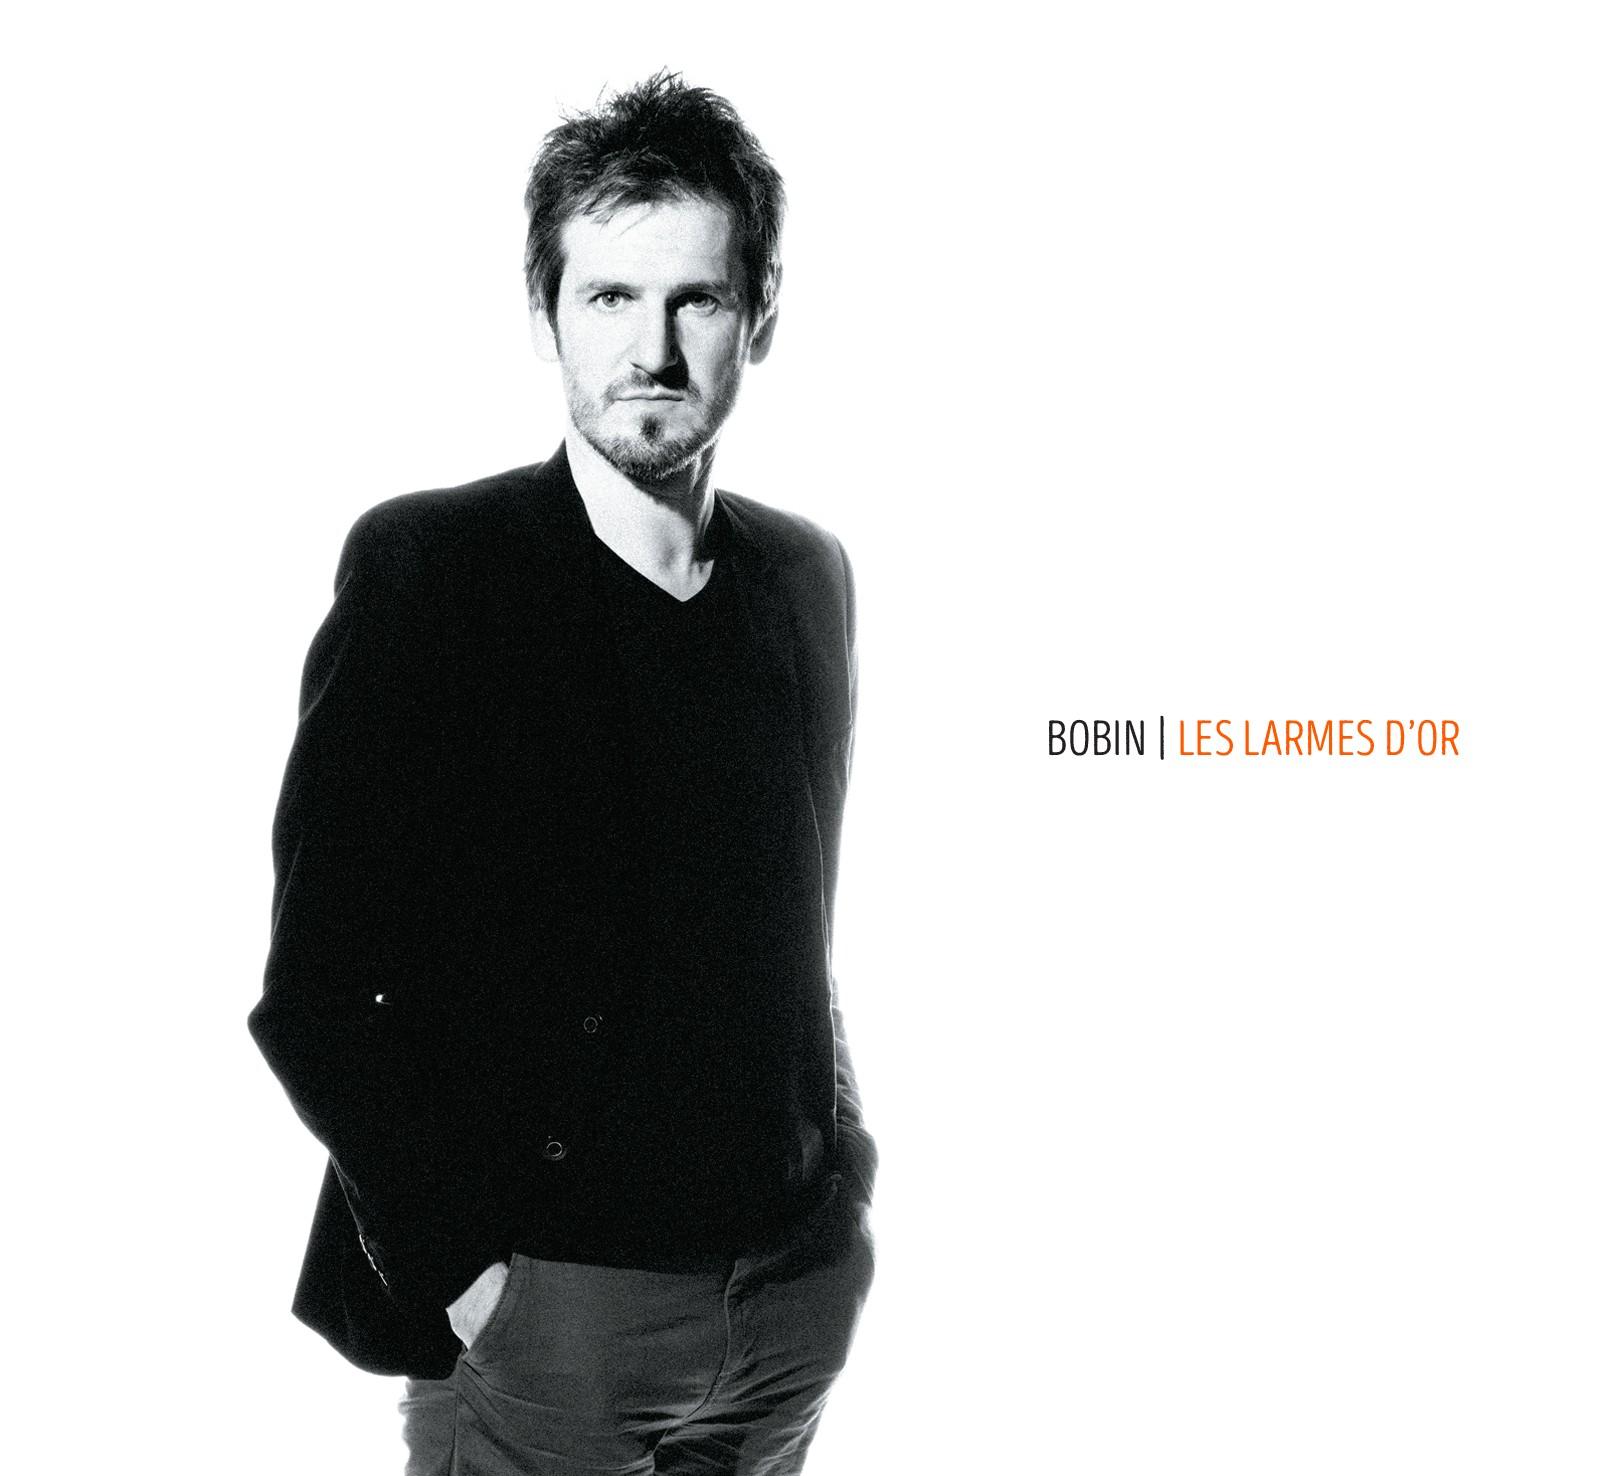 Frédéric Bobin : Les larmes d'or